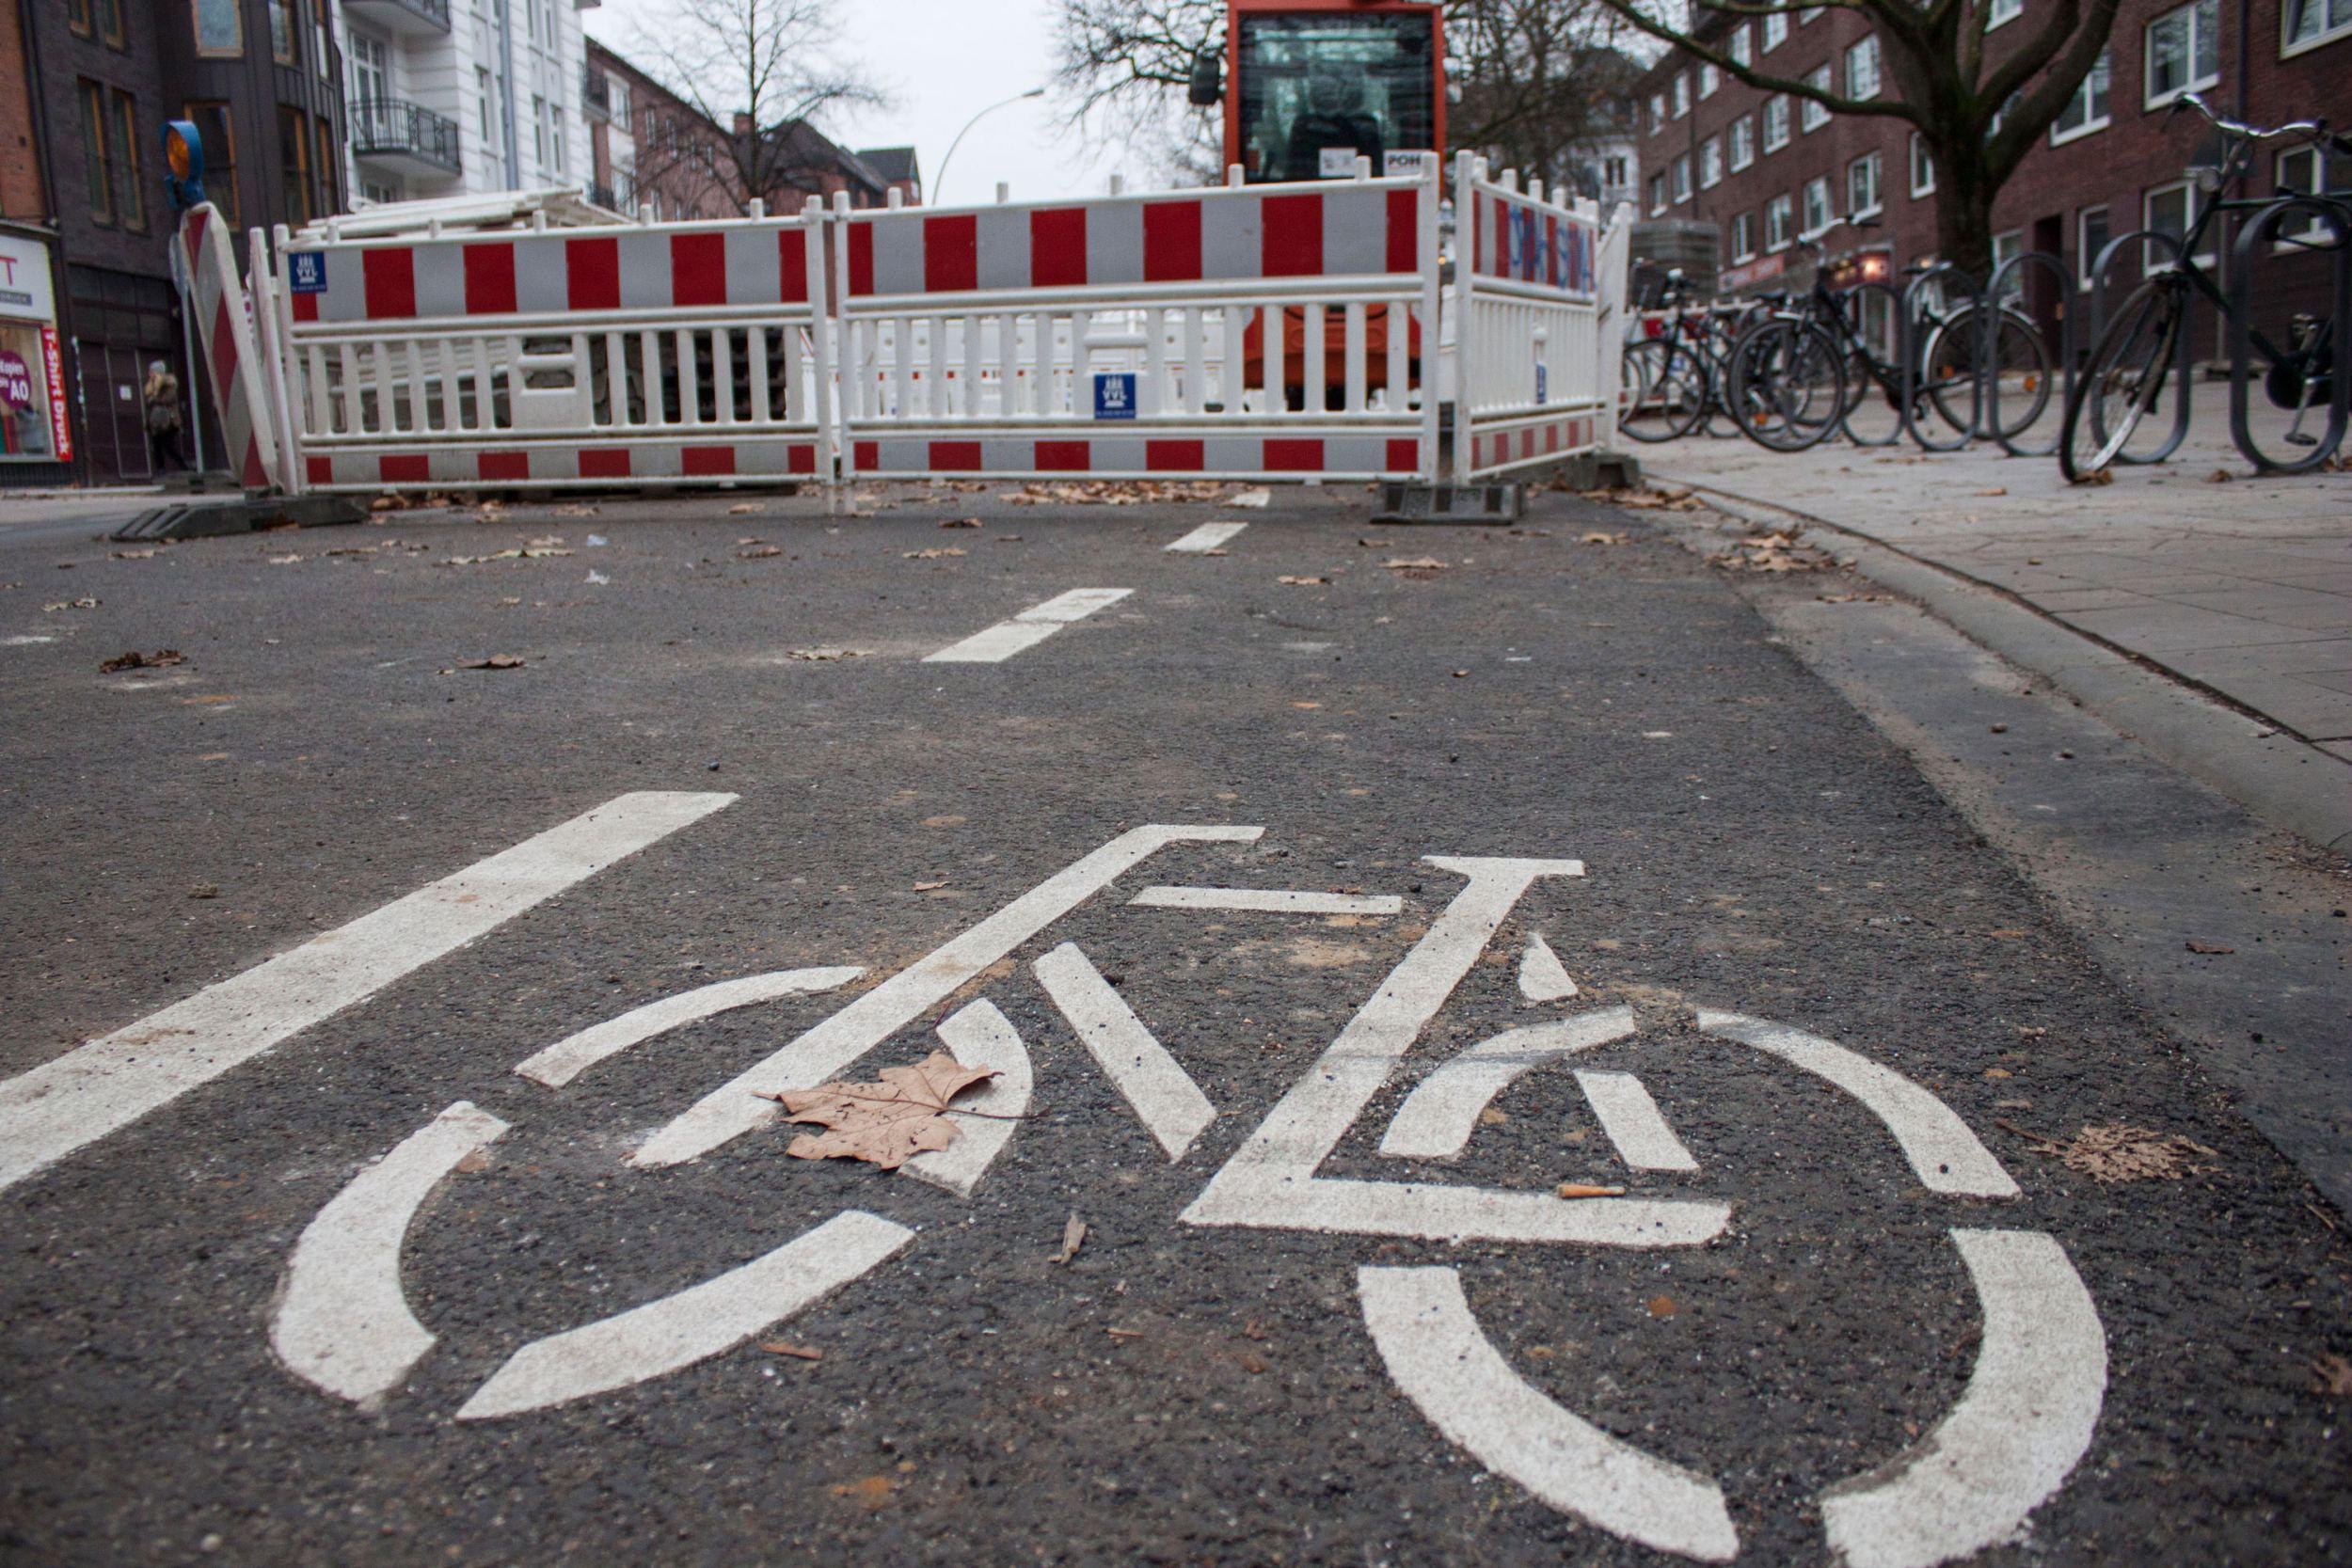 Fahrradwege in Eimsbüttel: Hamburgs holpriger Weg zur Fahrradstadt